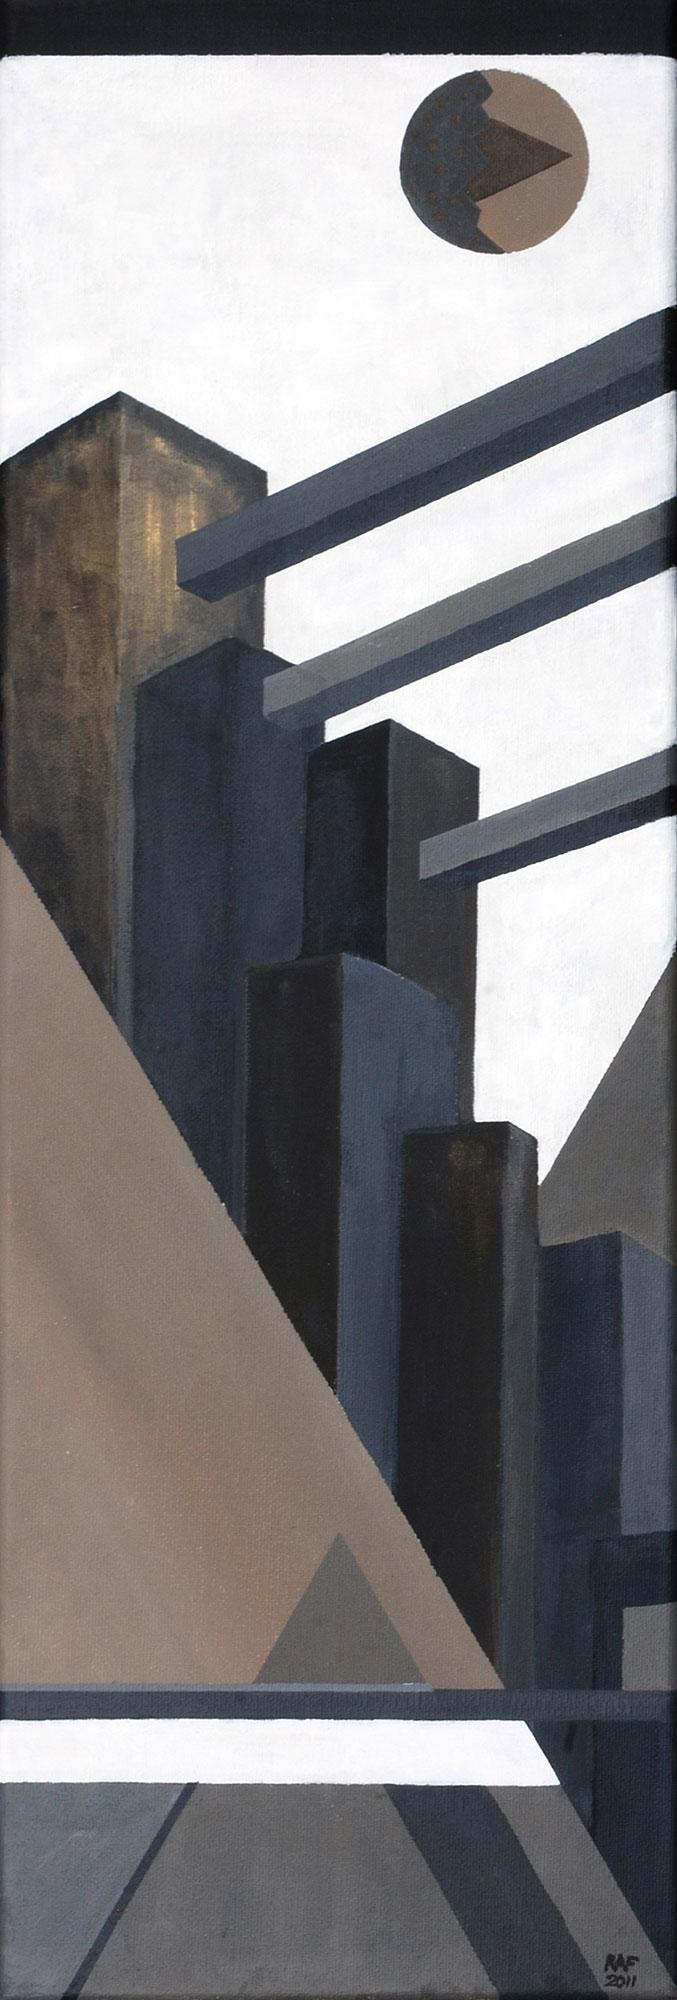 Métropole, peinture acrylique sur toile, 2011, peinture acrylique sur carton, 20x60 cm